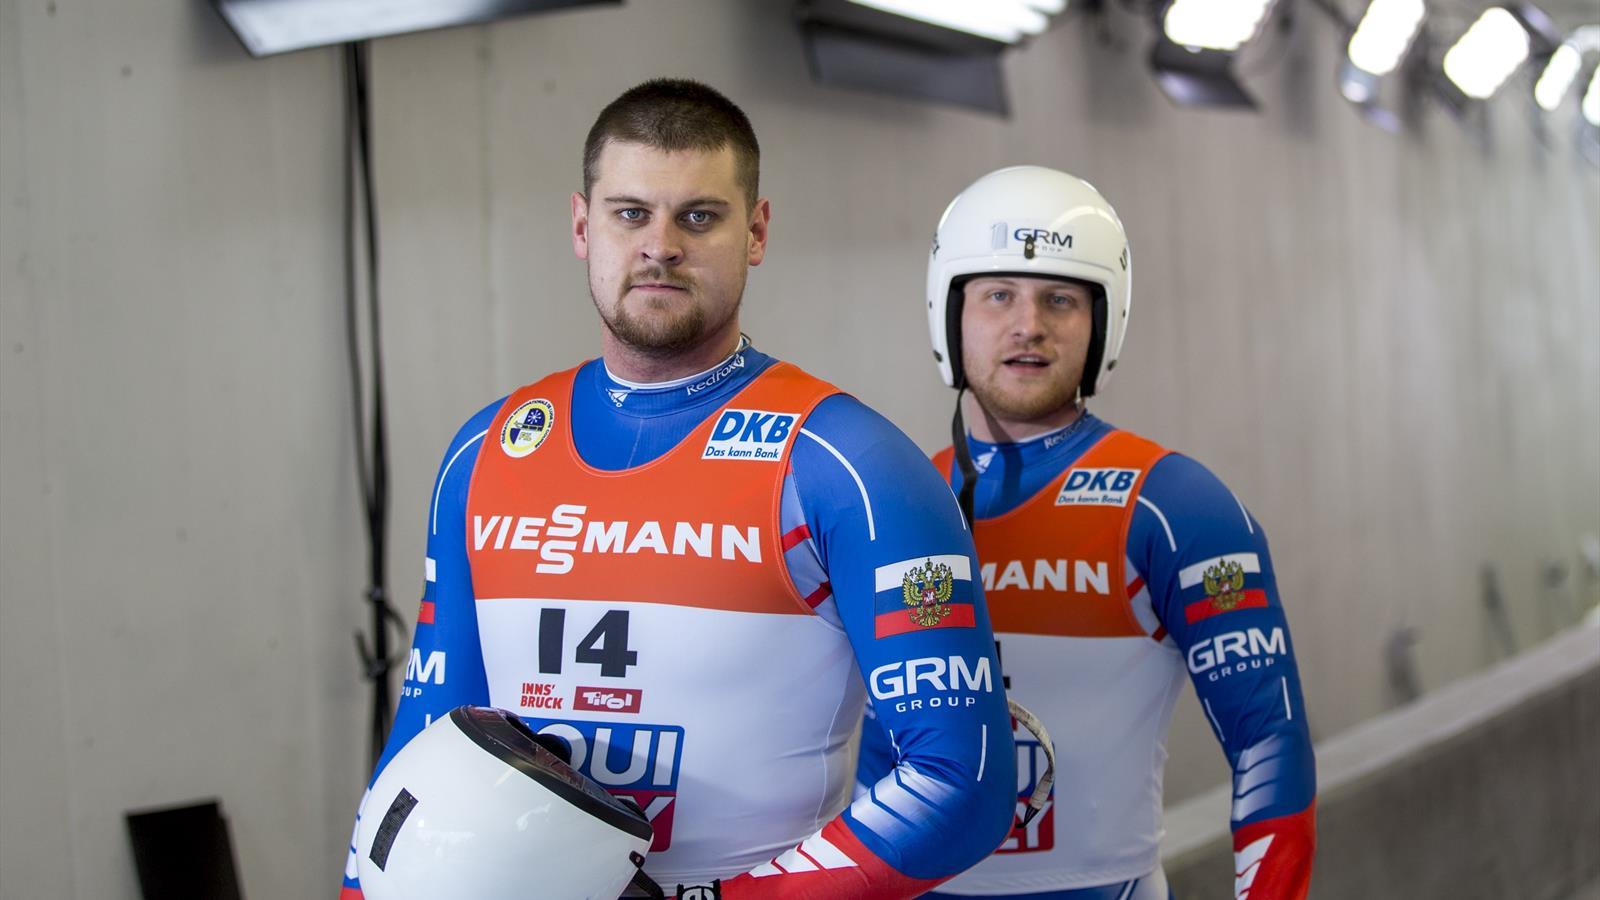 сборная россии по санному спорту фото представленной фотографии, латвийских